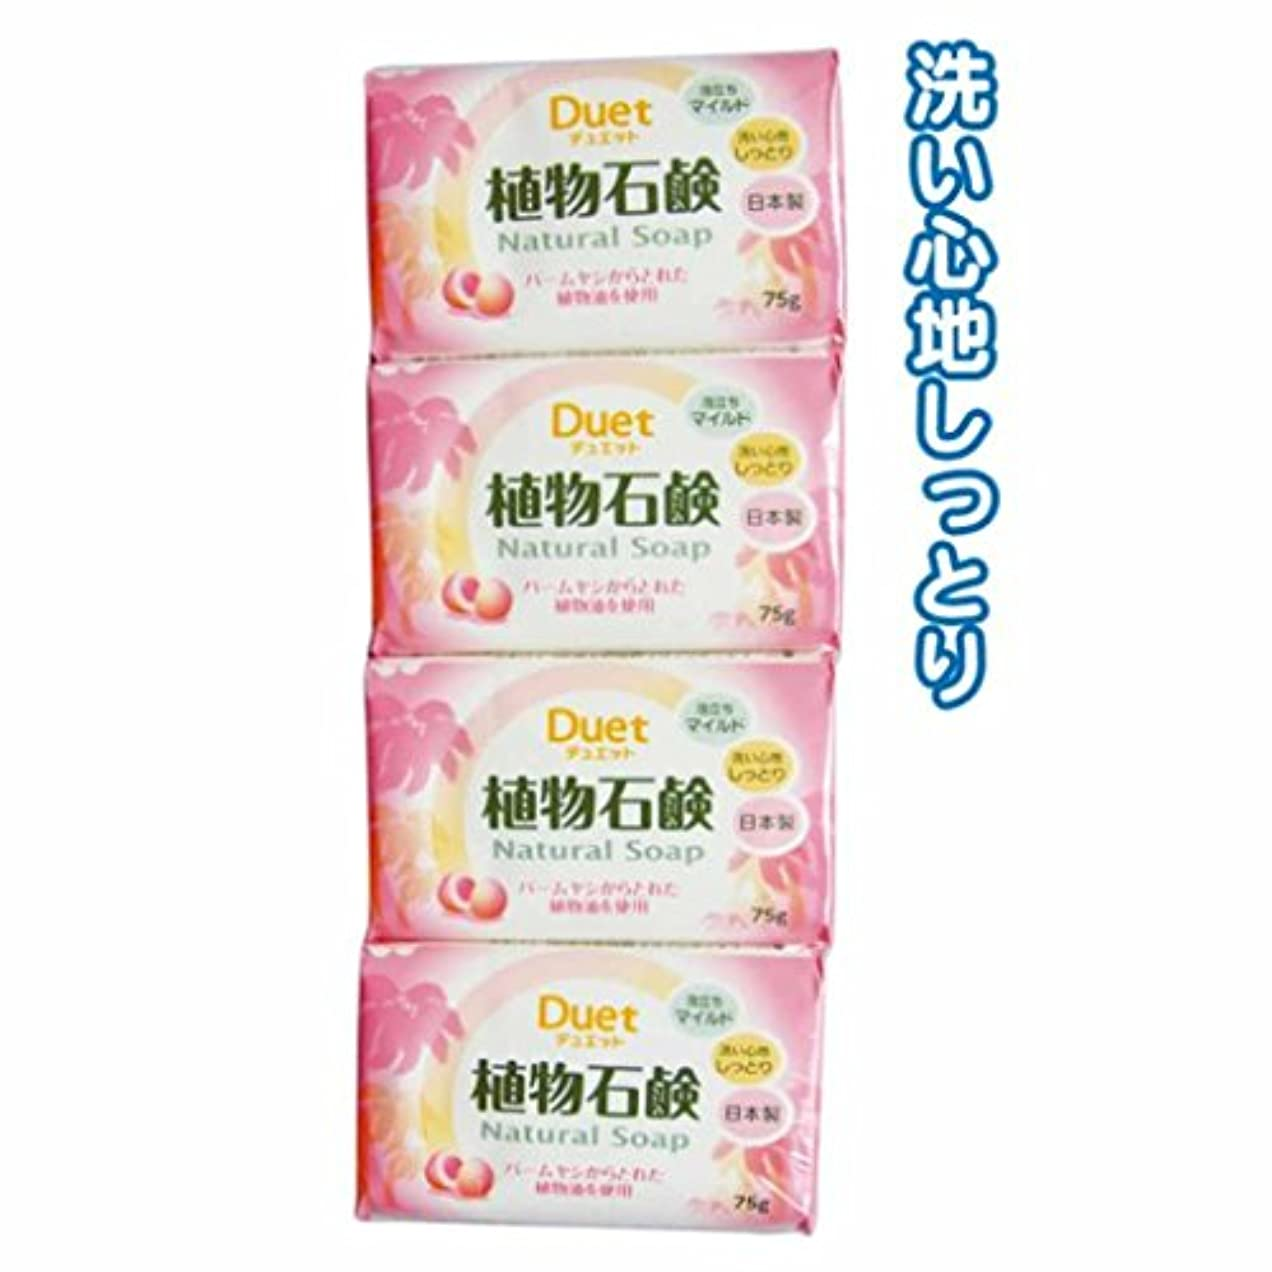 医療過誤反発その結果日本製 Japan デュエット植物石鹸75g 【まとめ買い4個入り×240パック 合計960個セット】 46-202